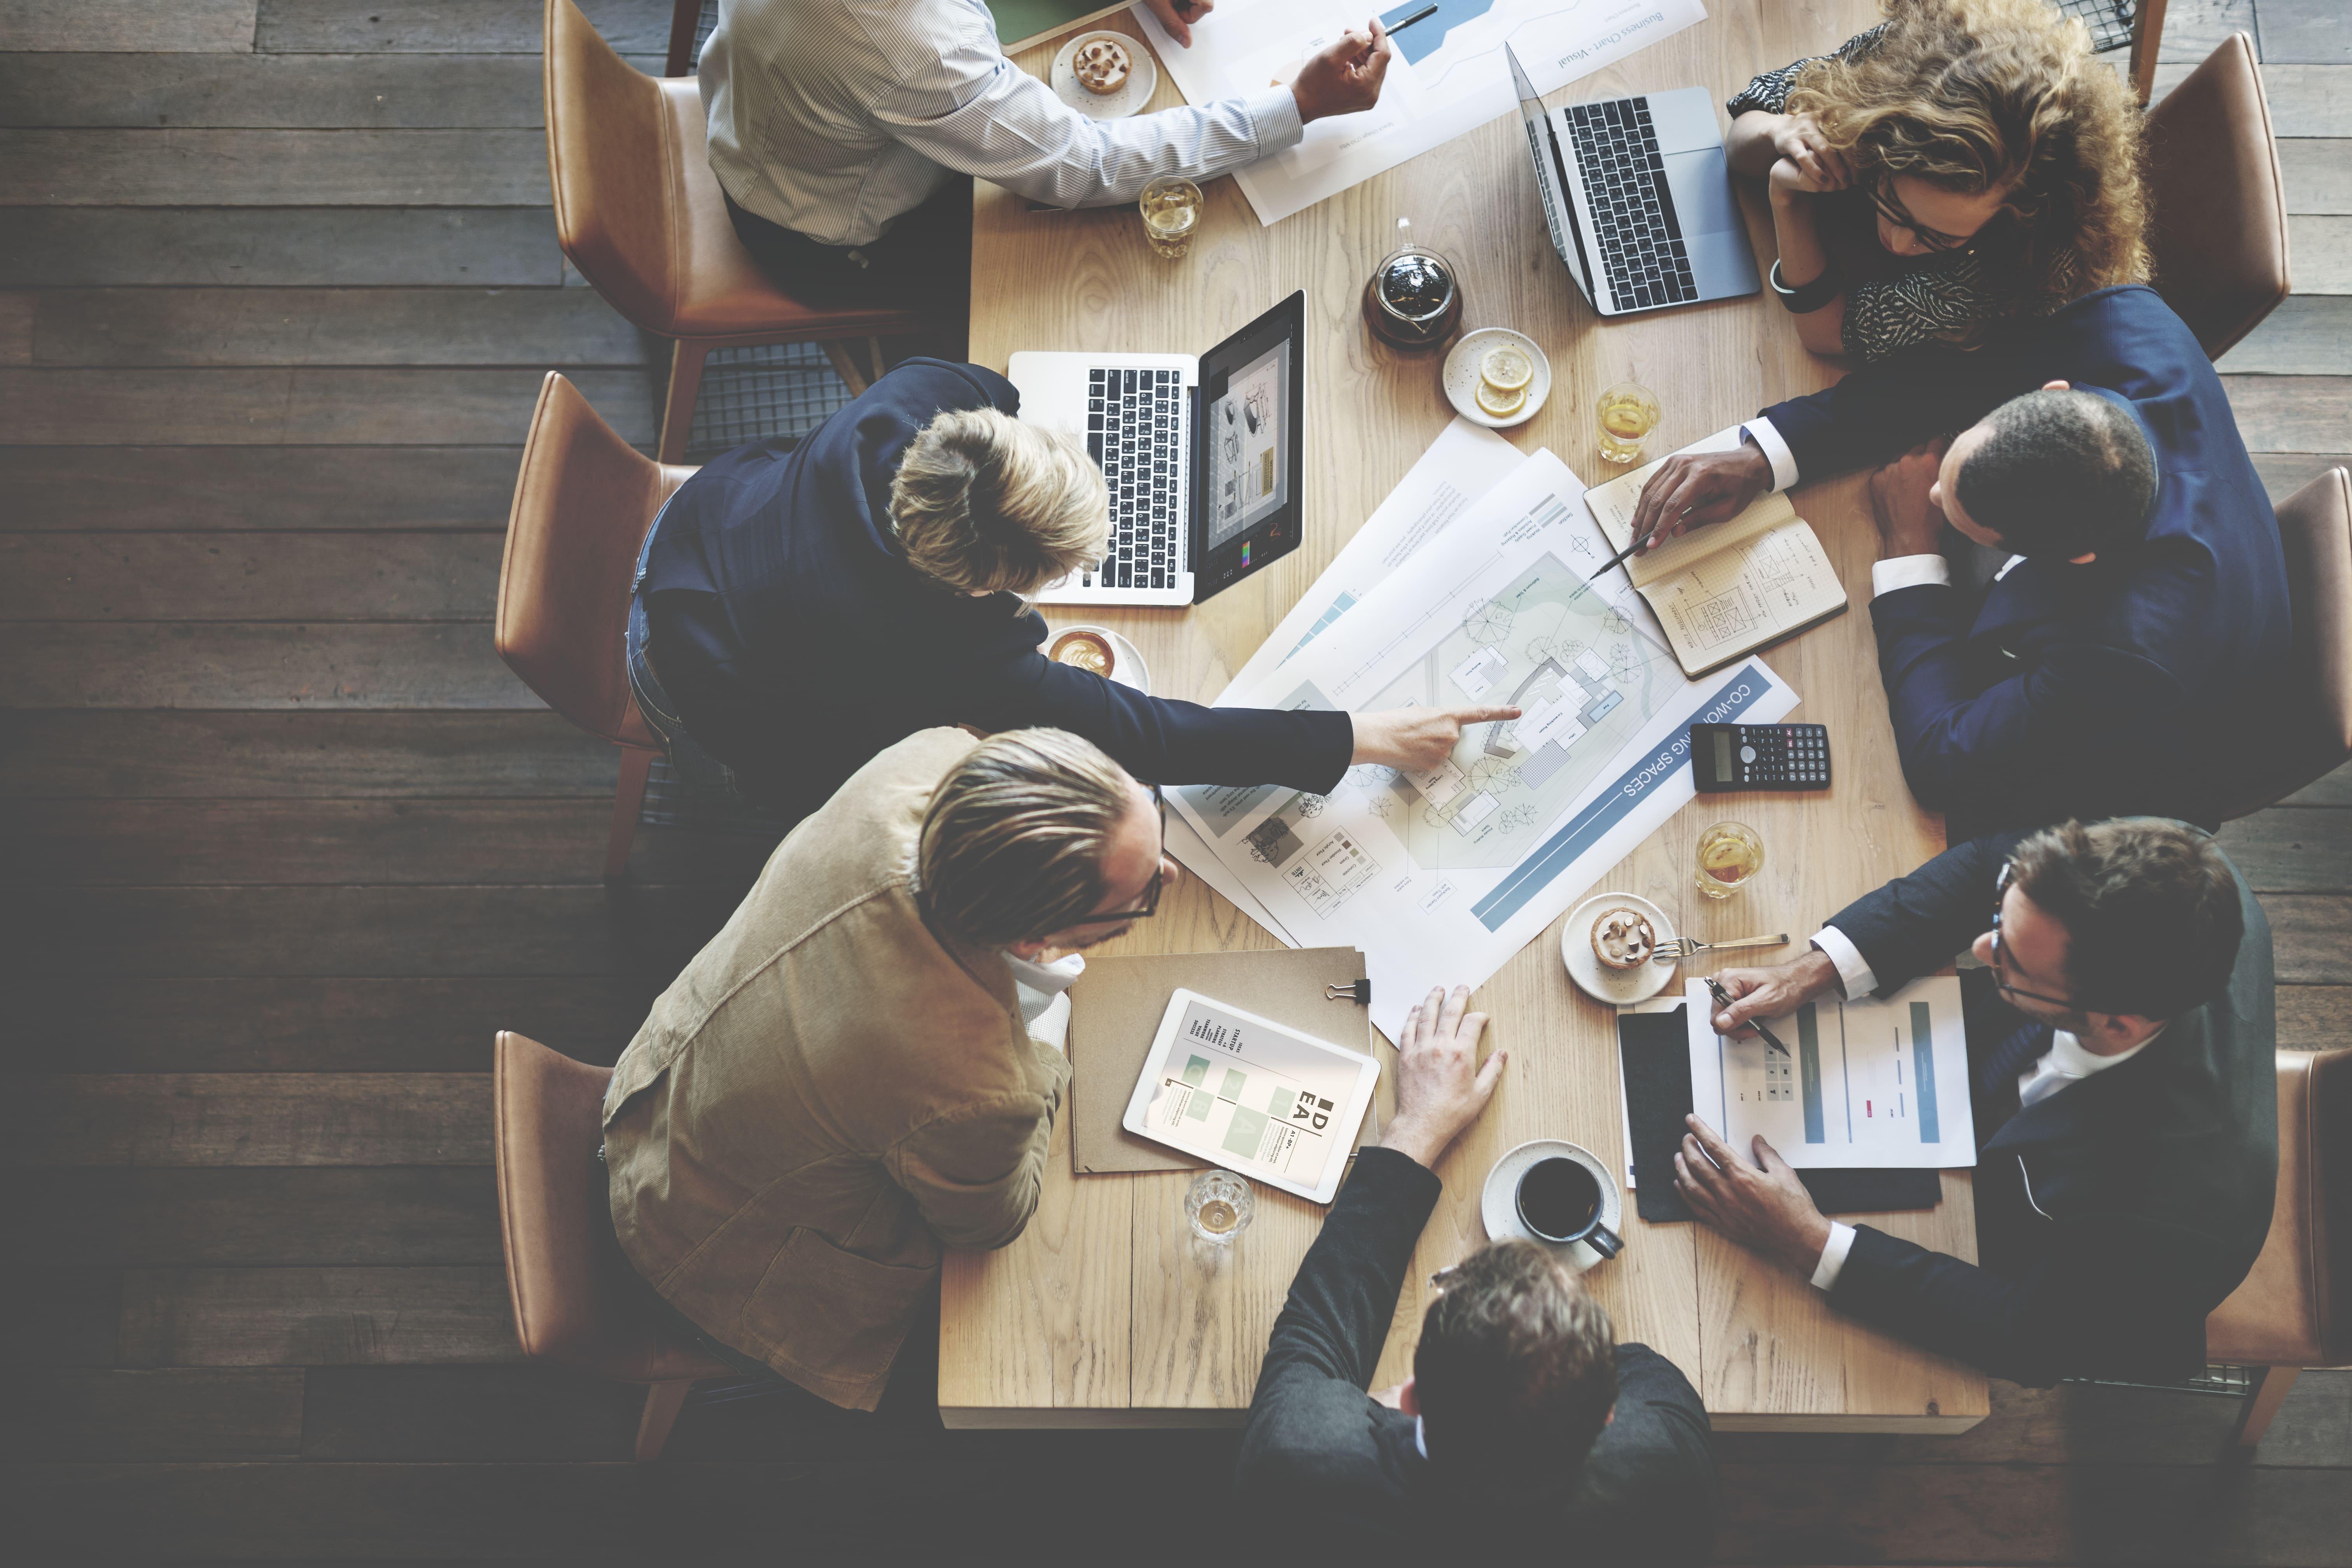 Imagem de 6 pessoas elaborando um plano de negócio depois que pesquisaram como empreender em Roseira